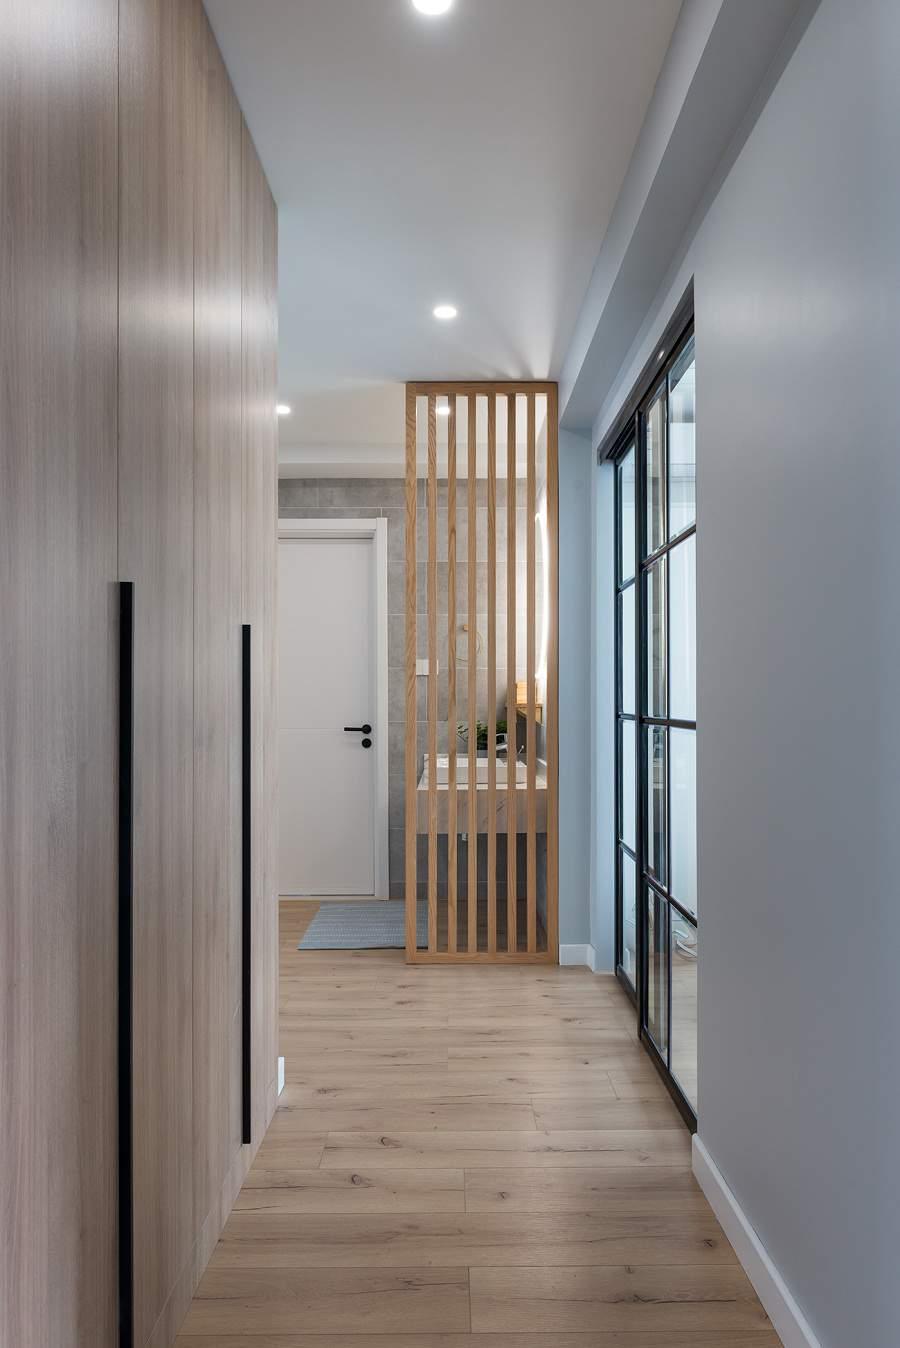 Trang trí sàn nhà bằng gỗ